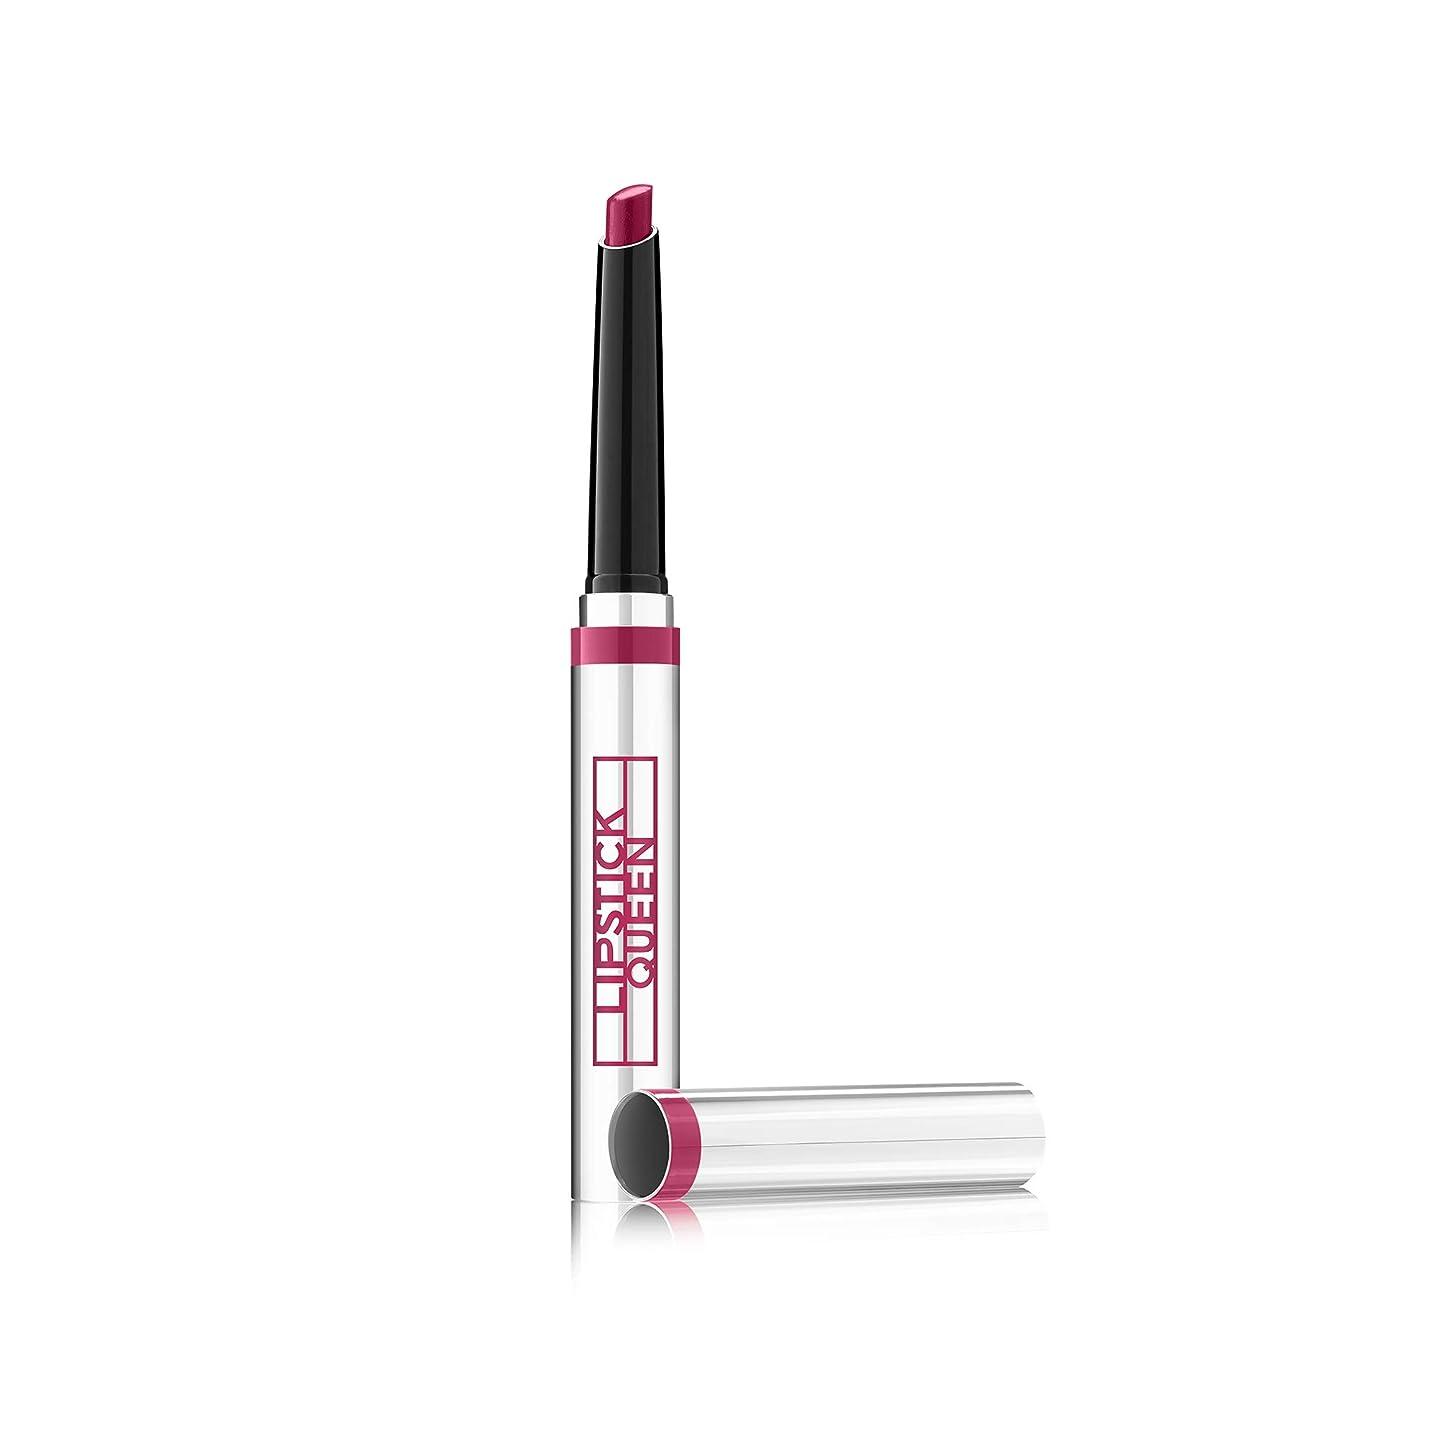 上陸無視できる無効リップスティック クィーン Rear View Mirror Lip Lacquer - # Thunder Rose (A Warm Lively Pink) 1.3g/0.04oz並行輸入品